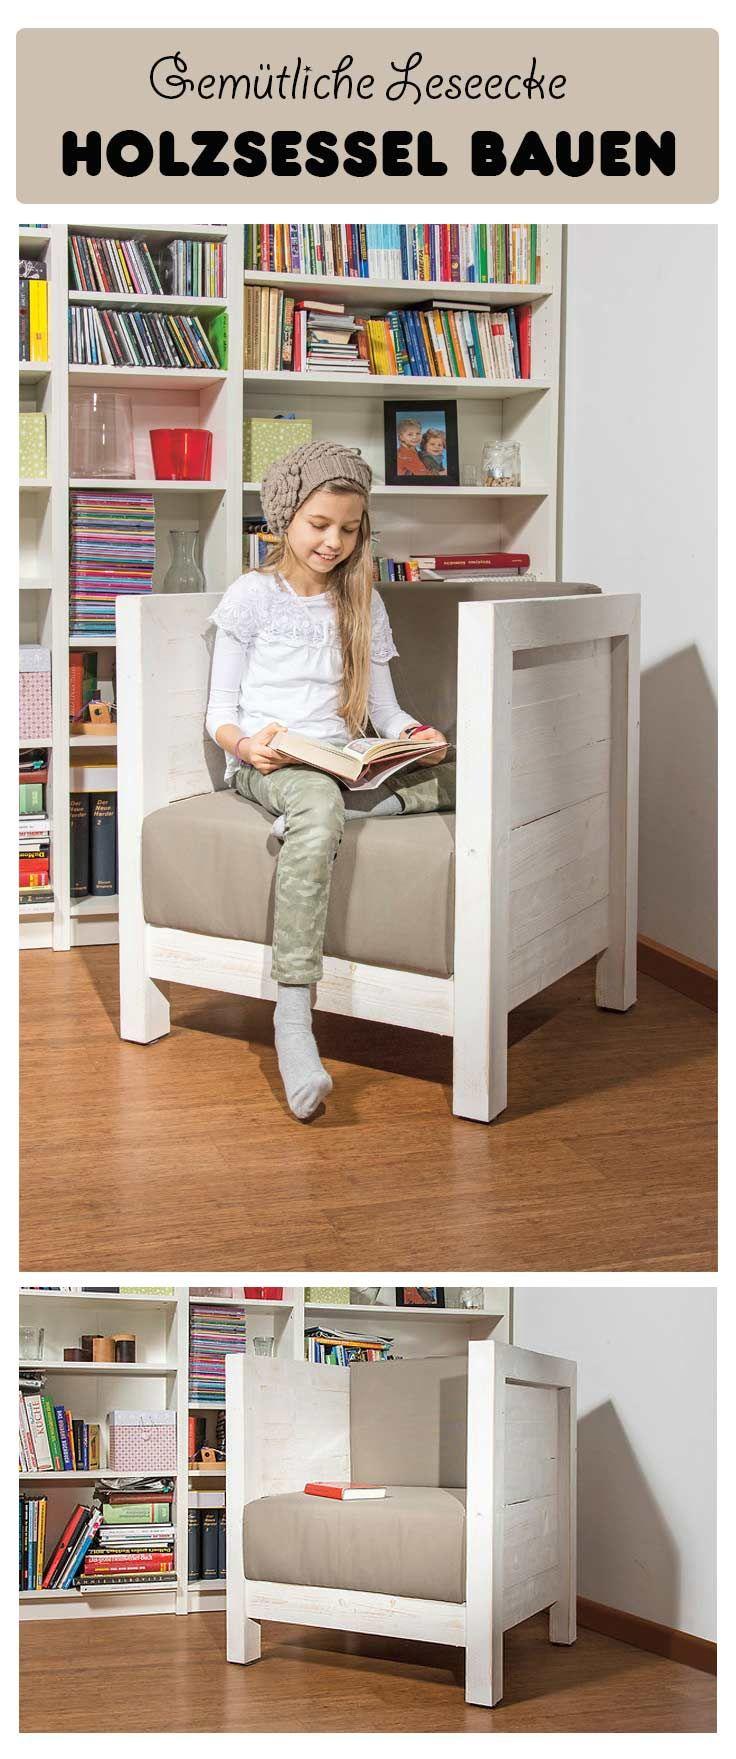 perfekt f r die leseecke ist dieser gem tliche holzsessel den sessel kannst du selbst bauen. Black Bedroom Furniture Sets. Home Design Ideas